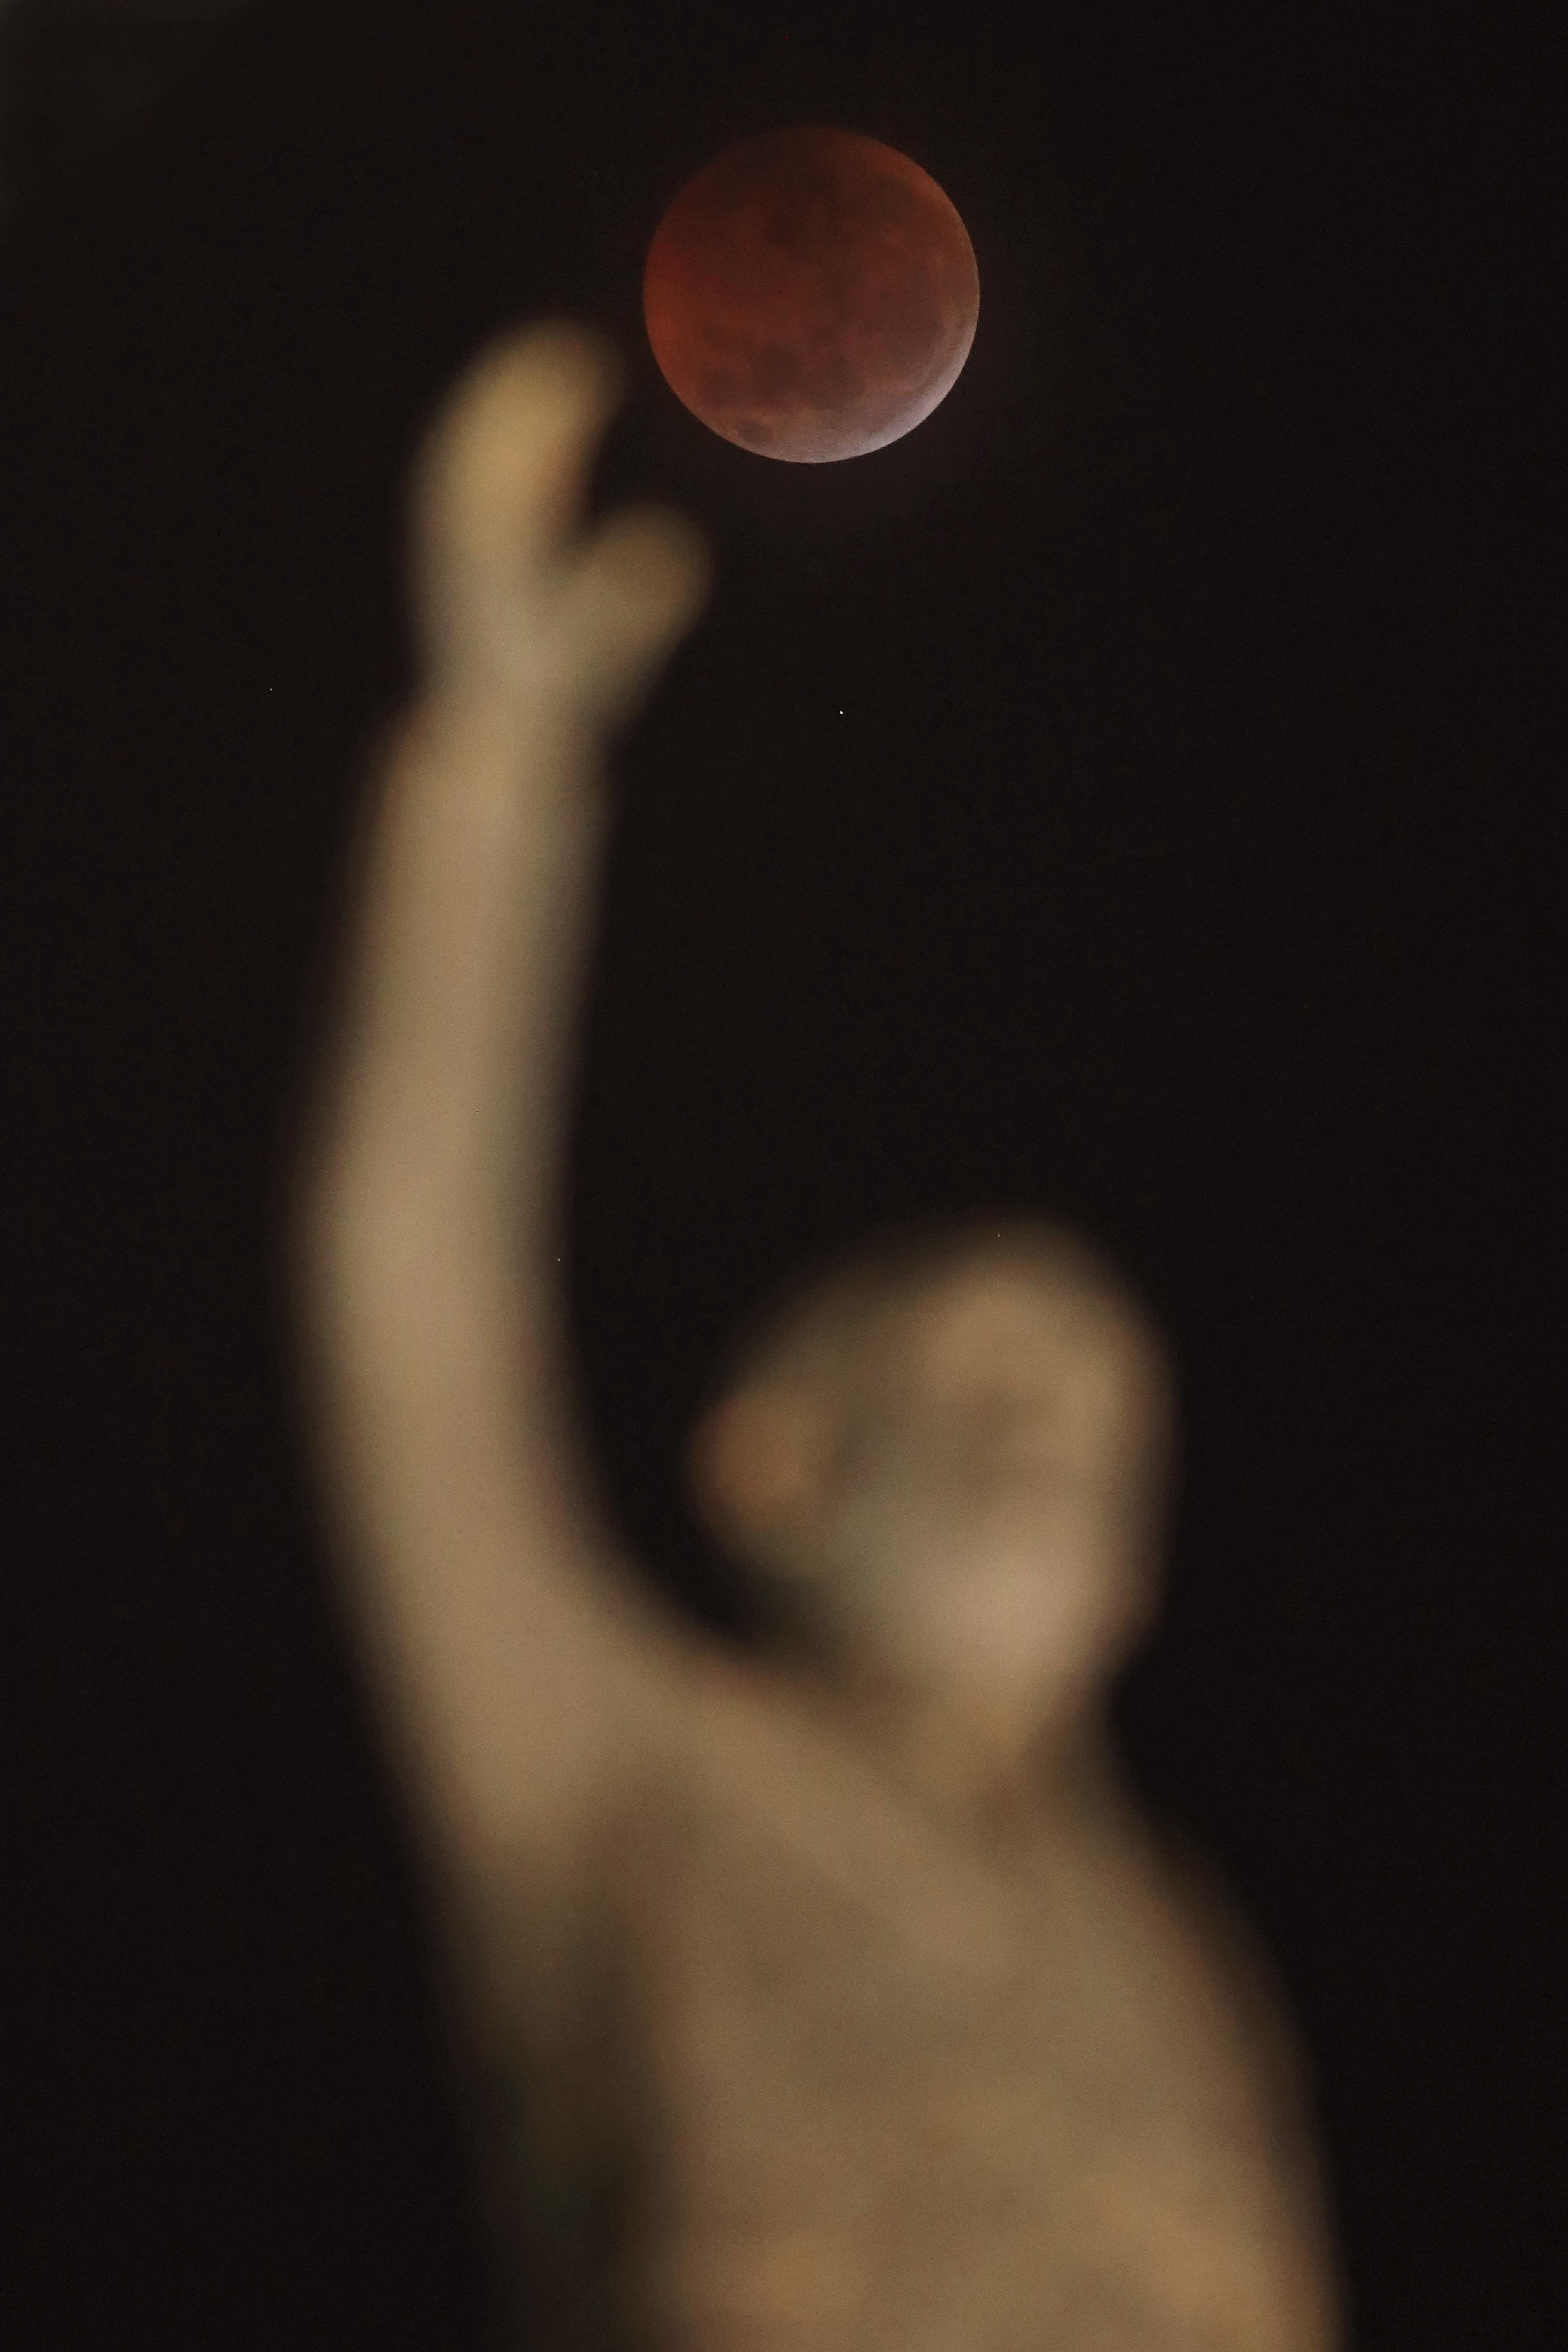 """El eclipse detrás del monumento""""Memrial JK en Brasilia. (AP Photo/Eraldo Peres)"""